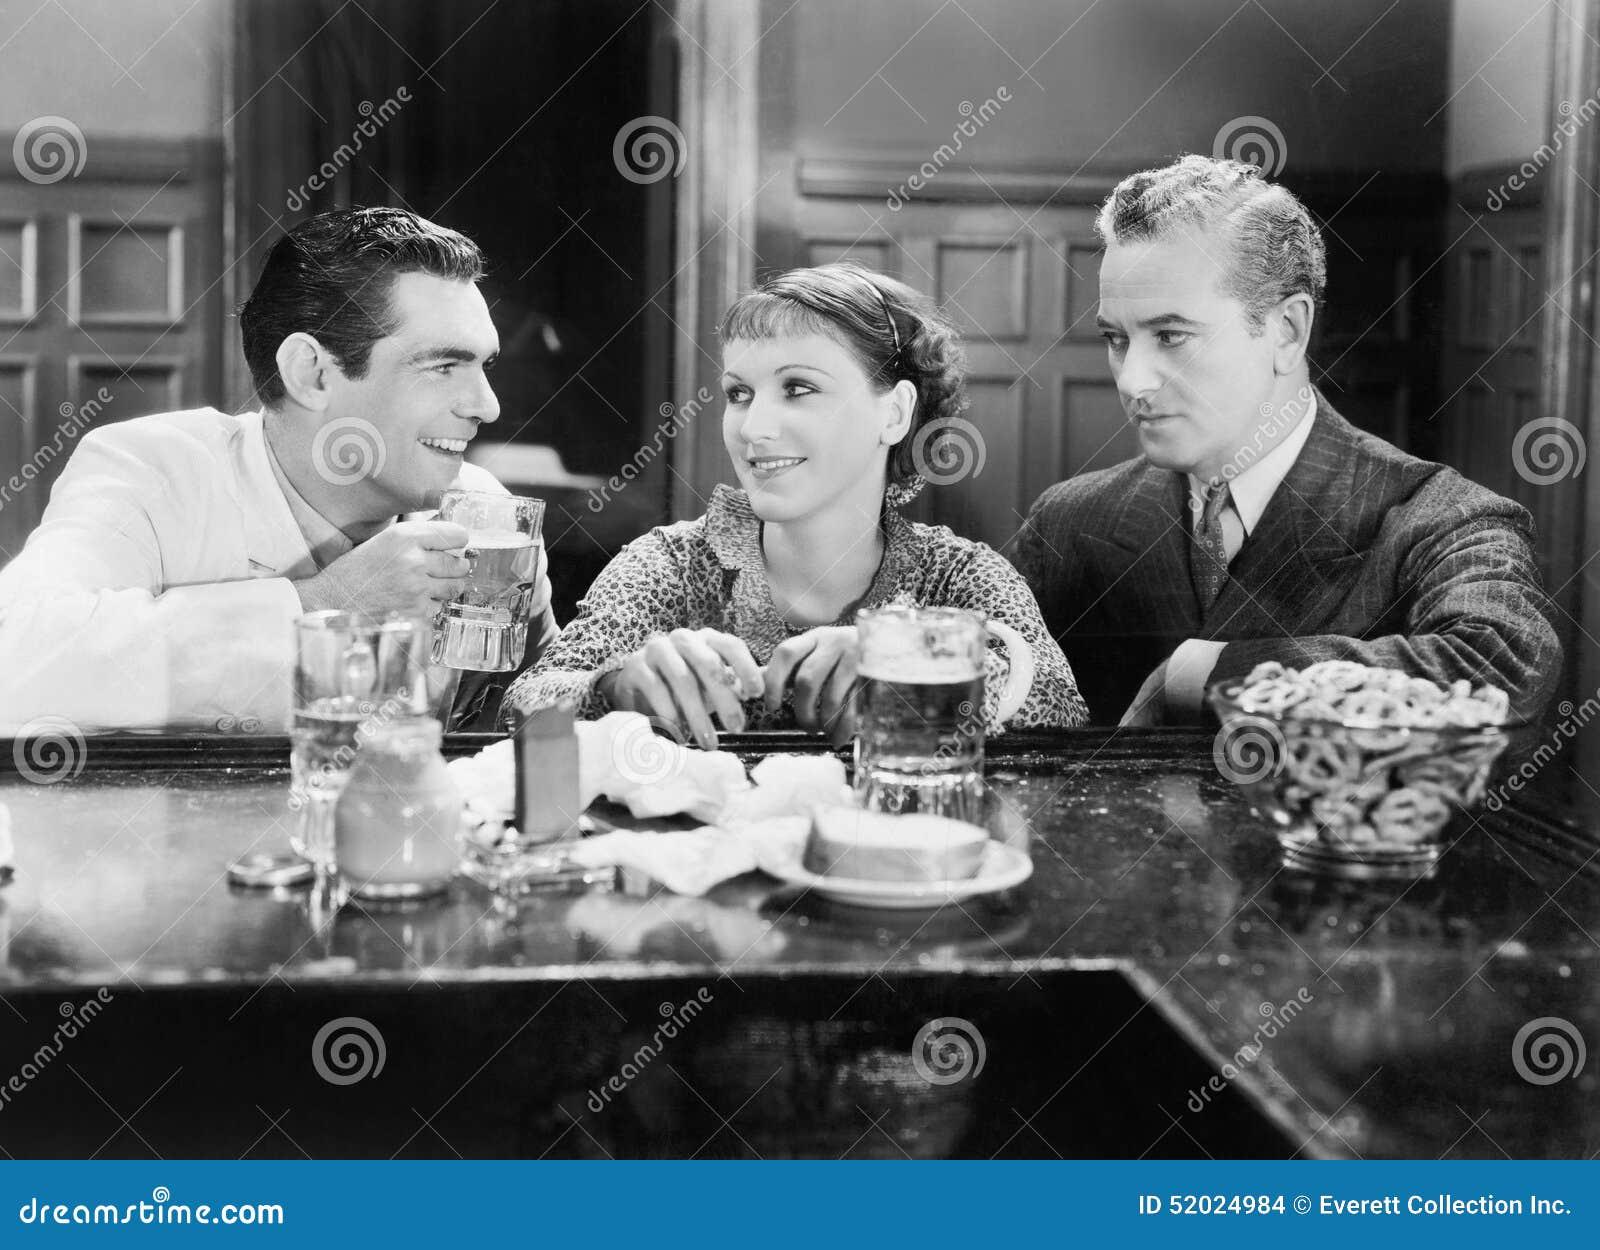 Två män och ett kvinnasammanträde på en stång som dricker öl (alla visade personer inte är längre uppehälle, och inget gods finns